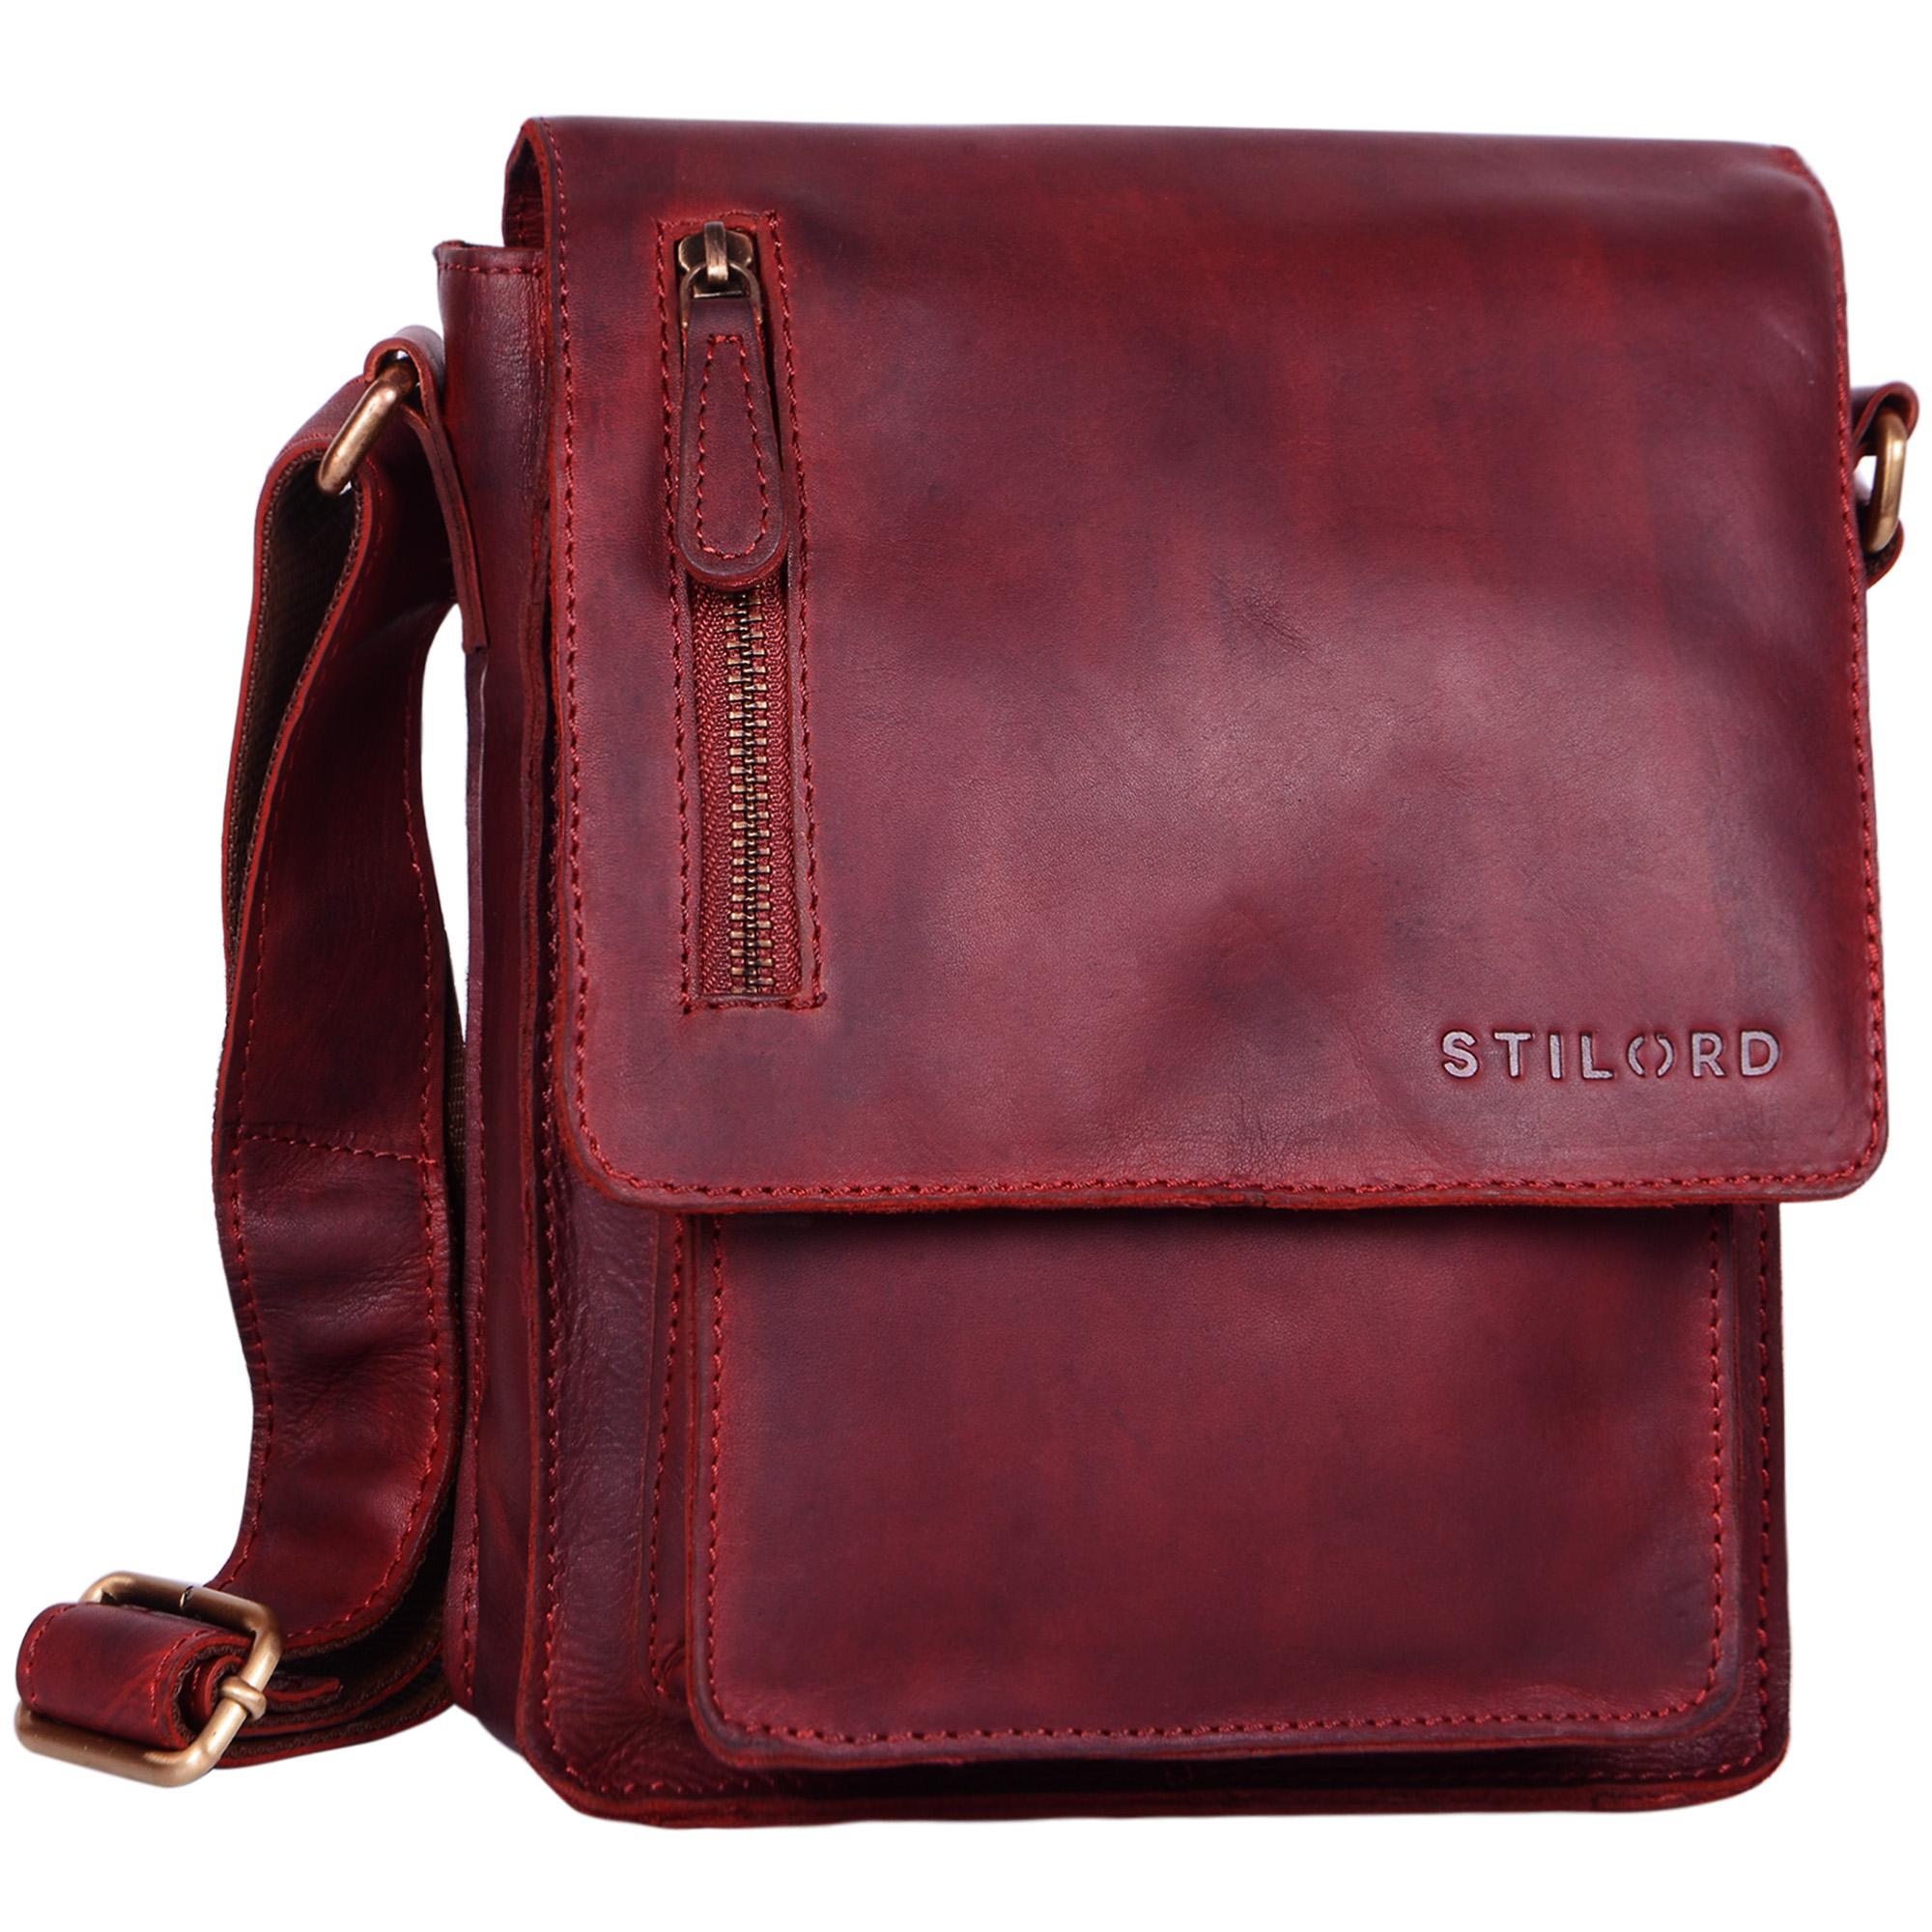 """STILORD """"Finn"""" kleine Umhängetasche Herren Schultertasche Vintage Messenger Bag 8,4 Zoll Tablettasche echtes Büffel-Leder  - Bild 11"""